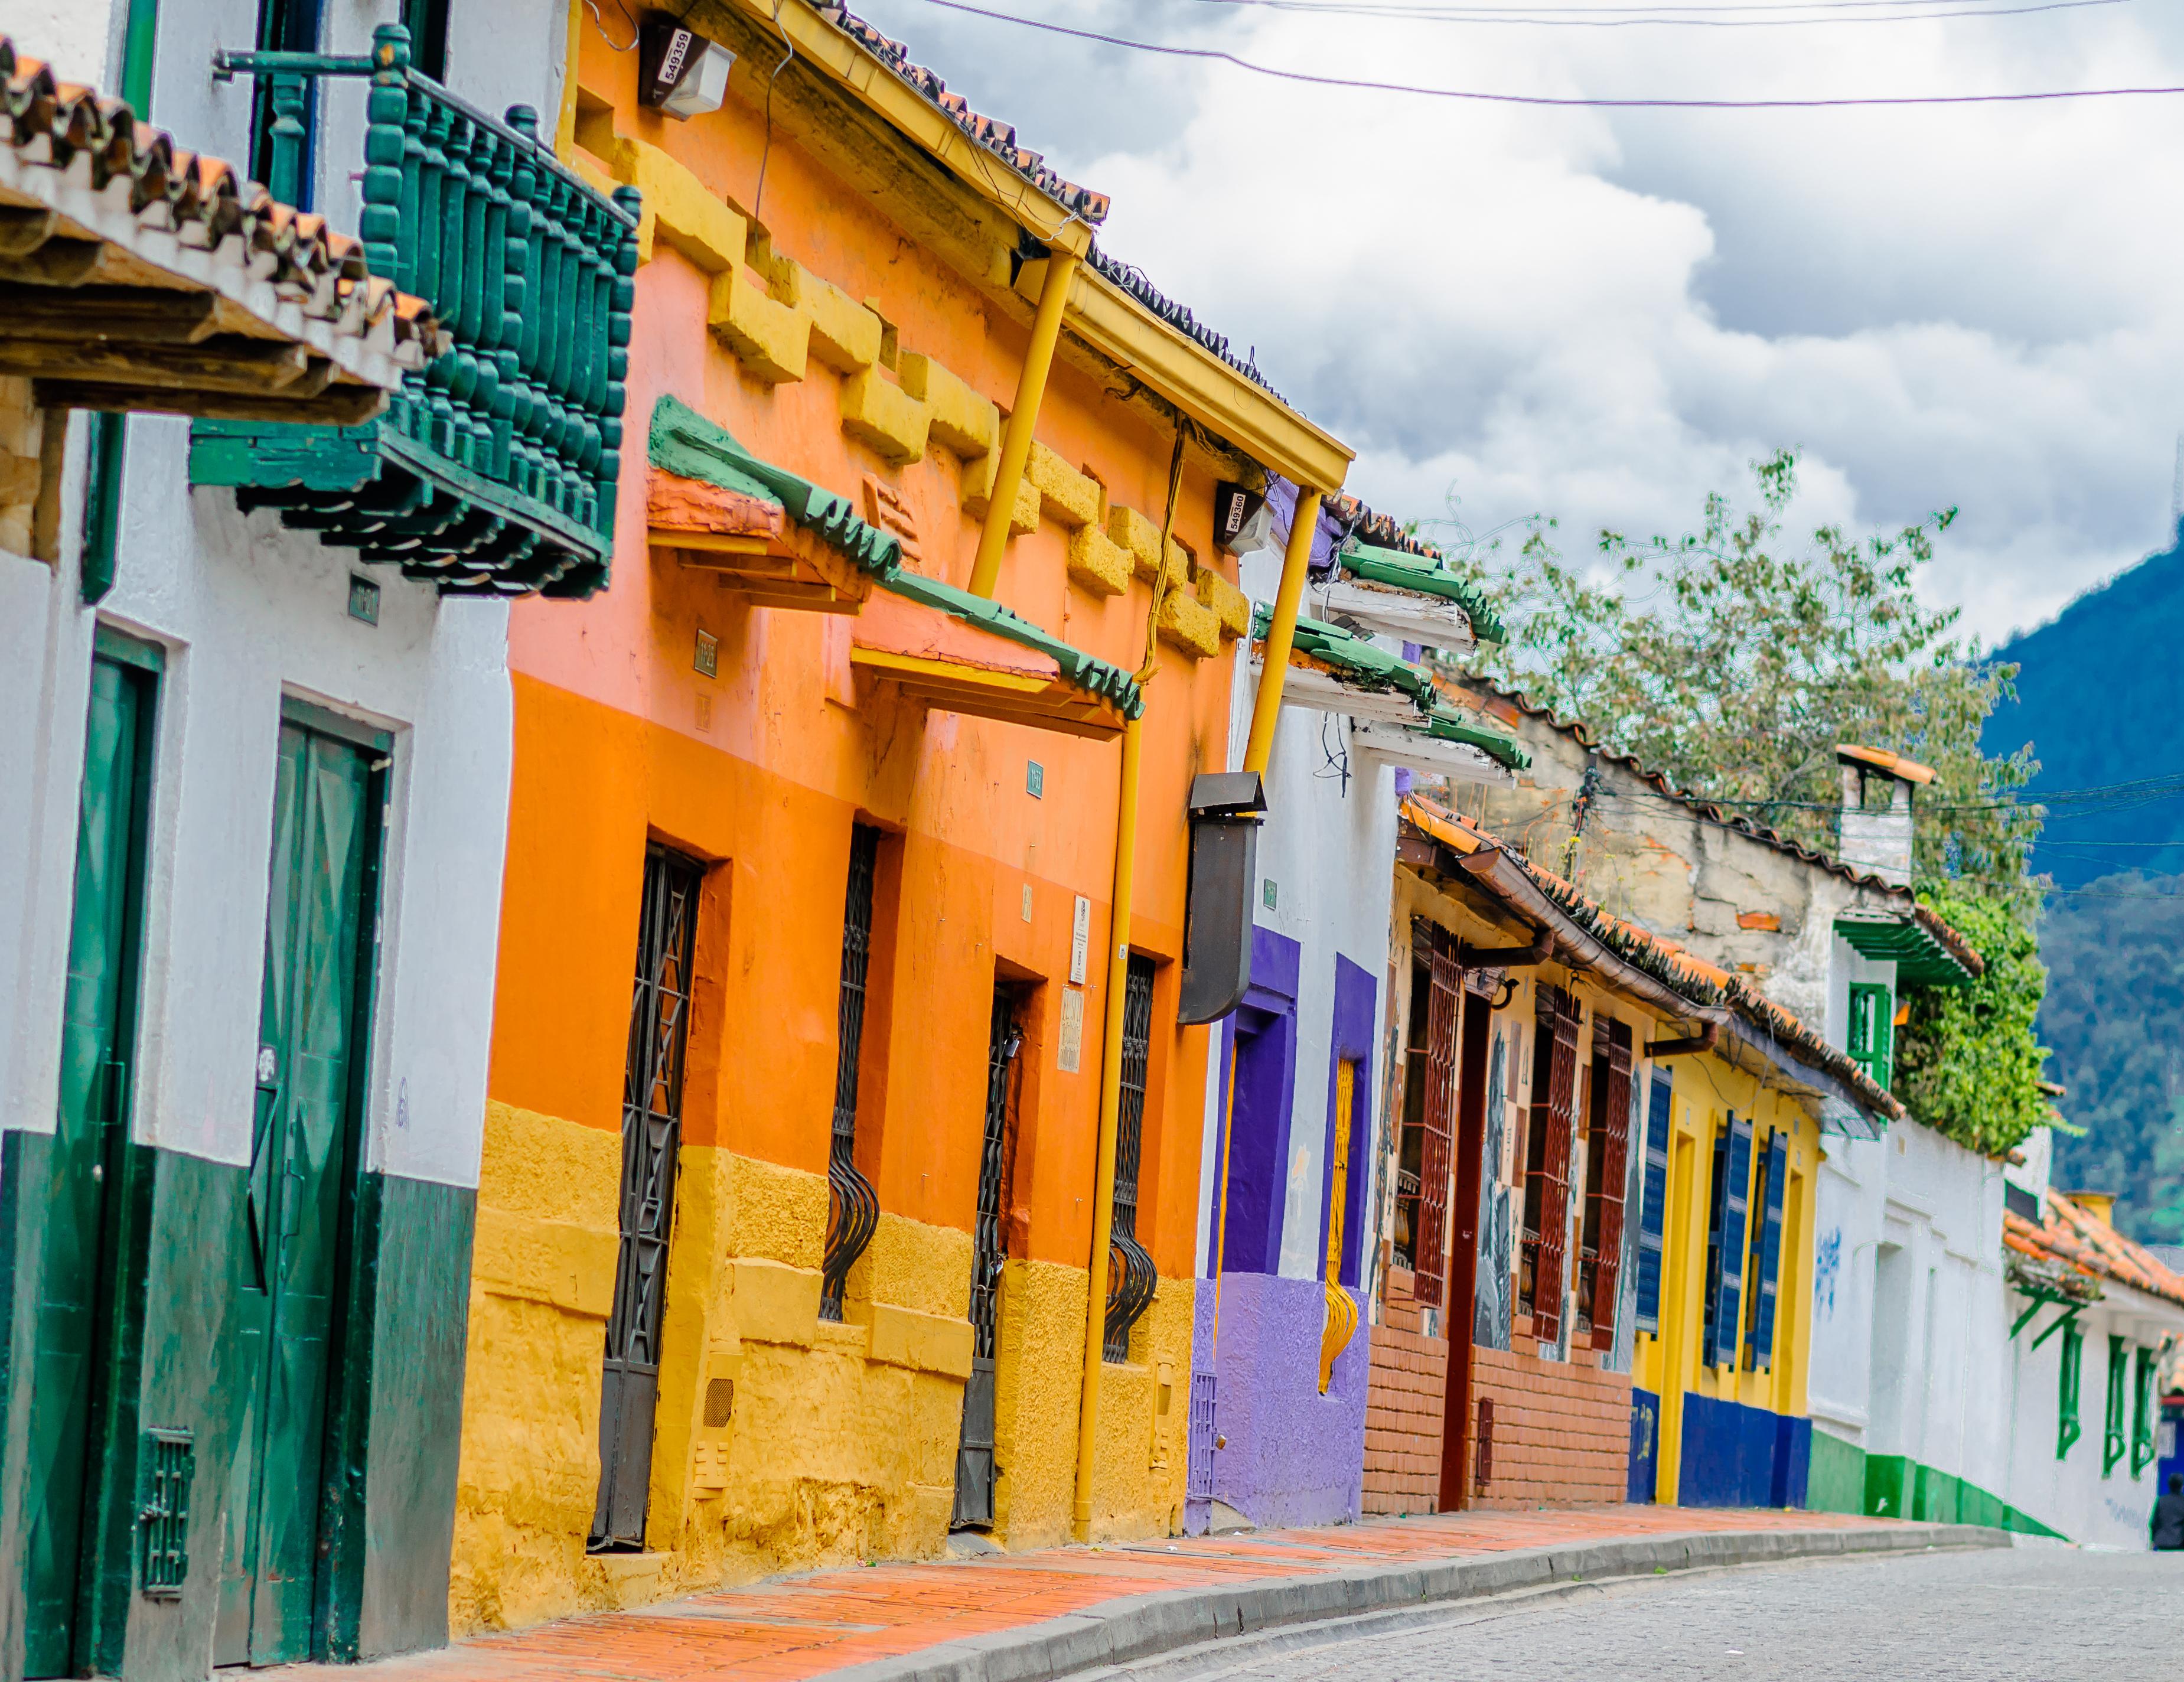 Colorful street in Bogota